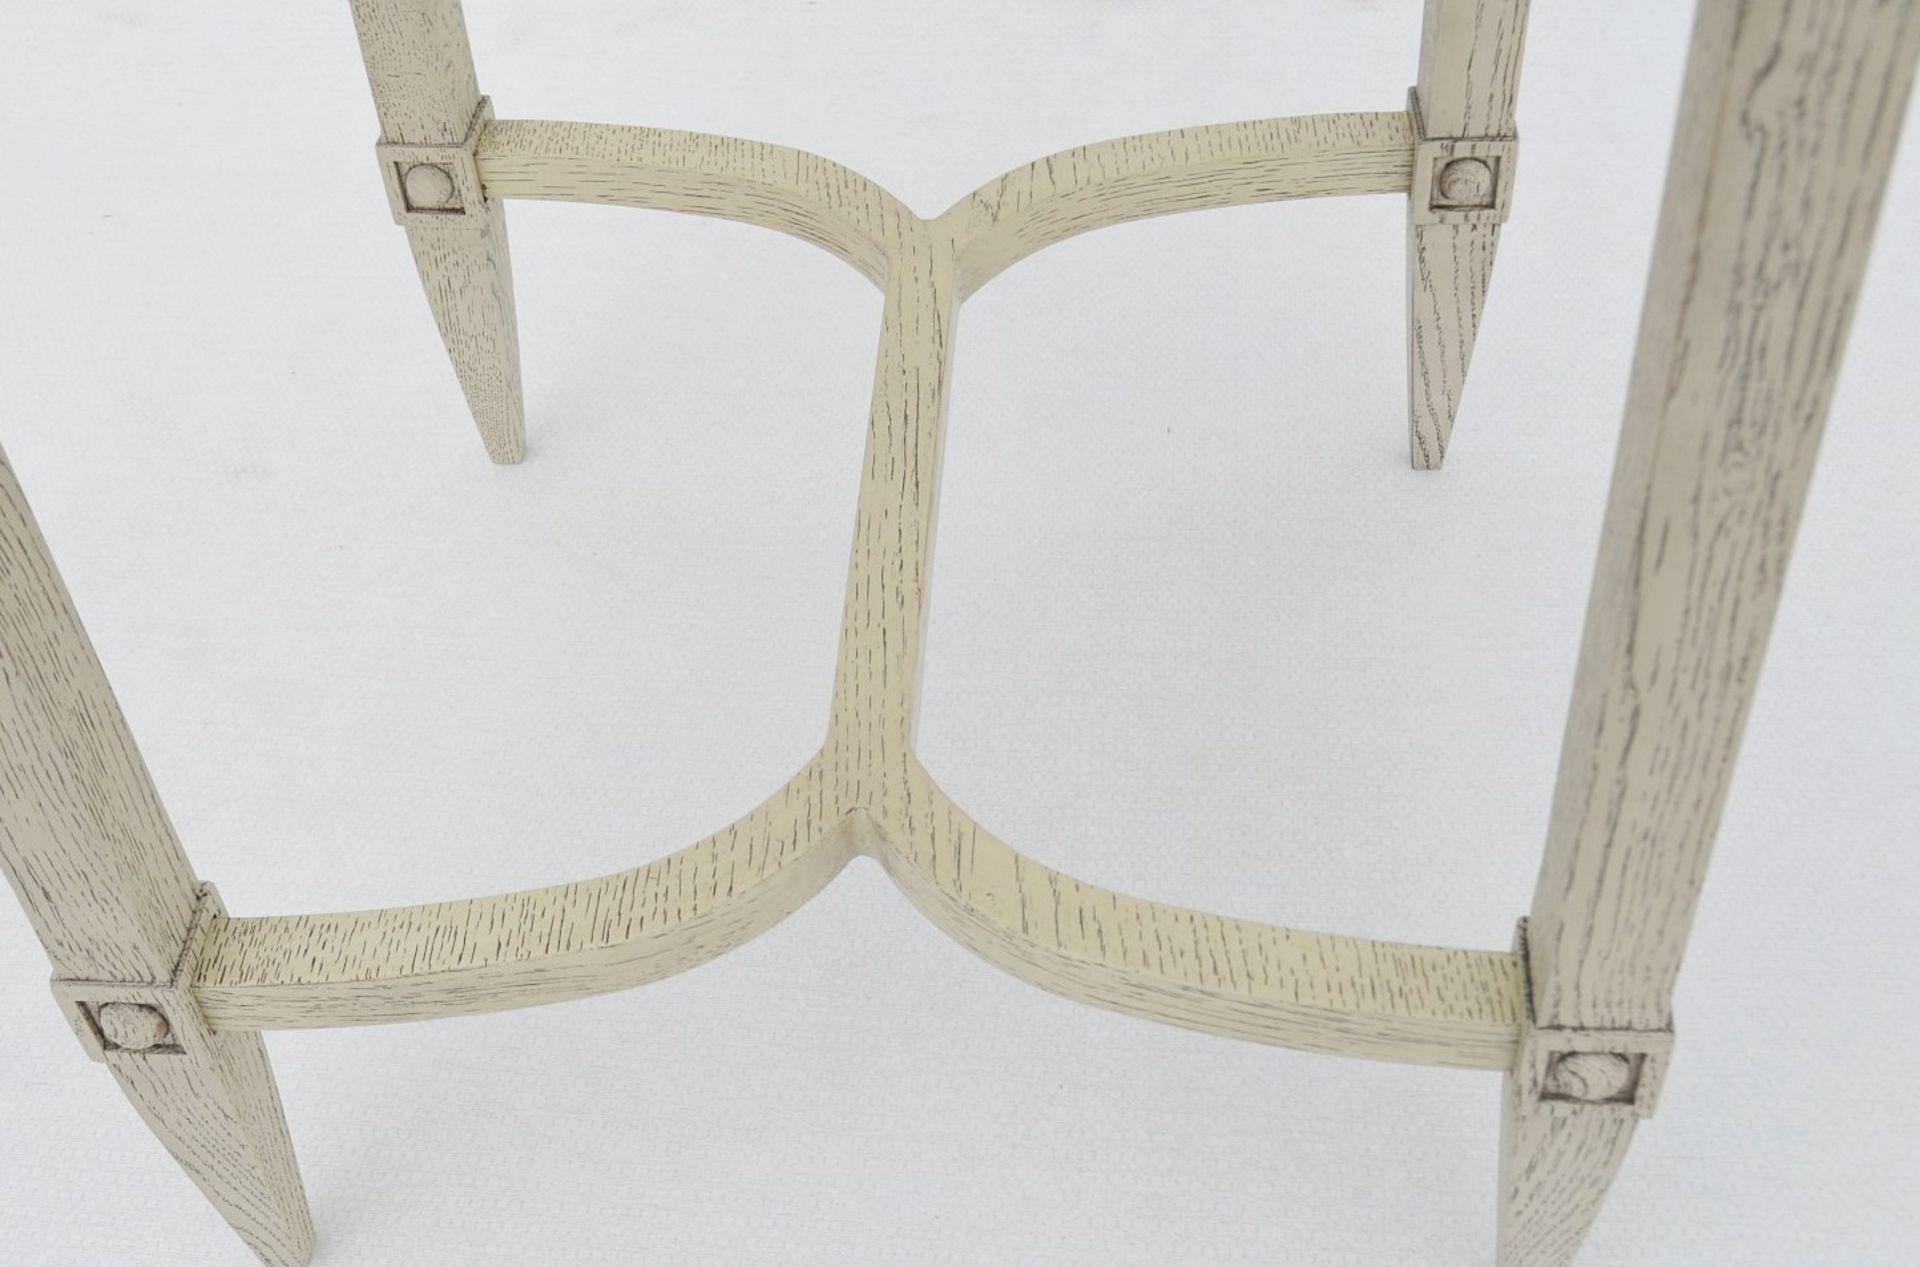 1 x JUSTIN VAN BREDA 'Thomas' Designer Georgian-inspired Occasional Table - Original RRP £1,320 - Image 5 of 8